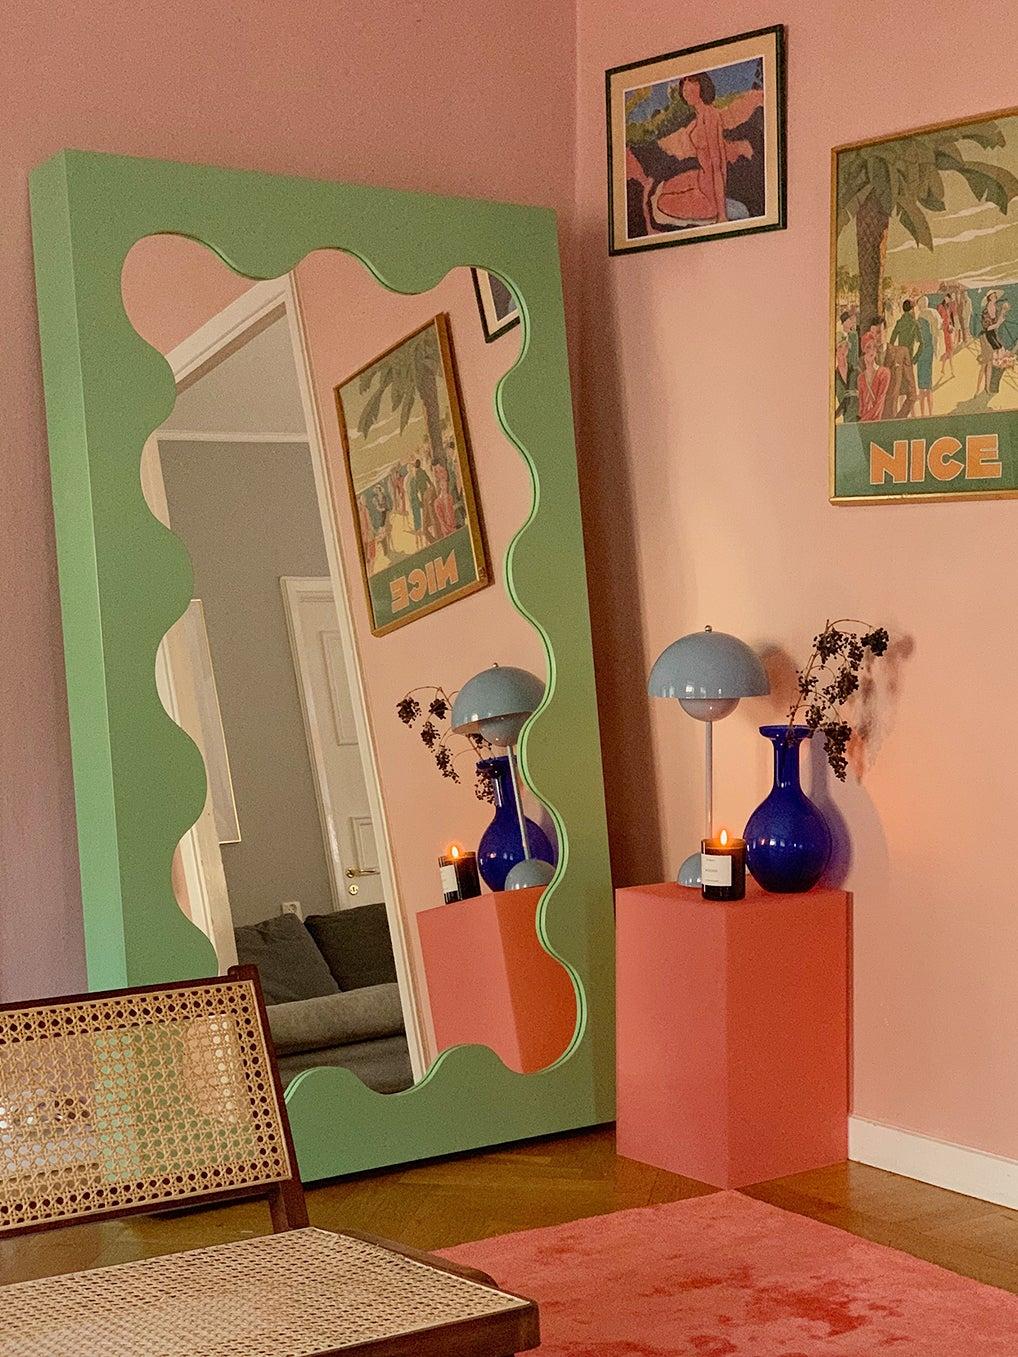 chic-danish-mirror-domino